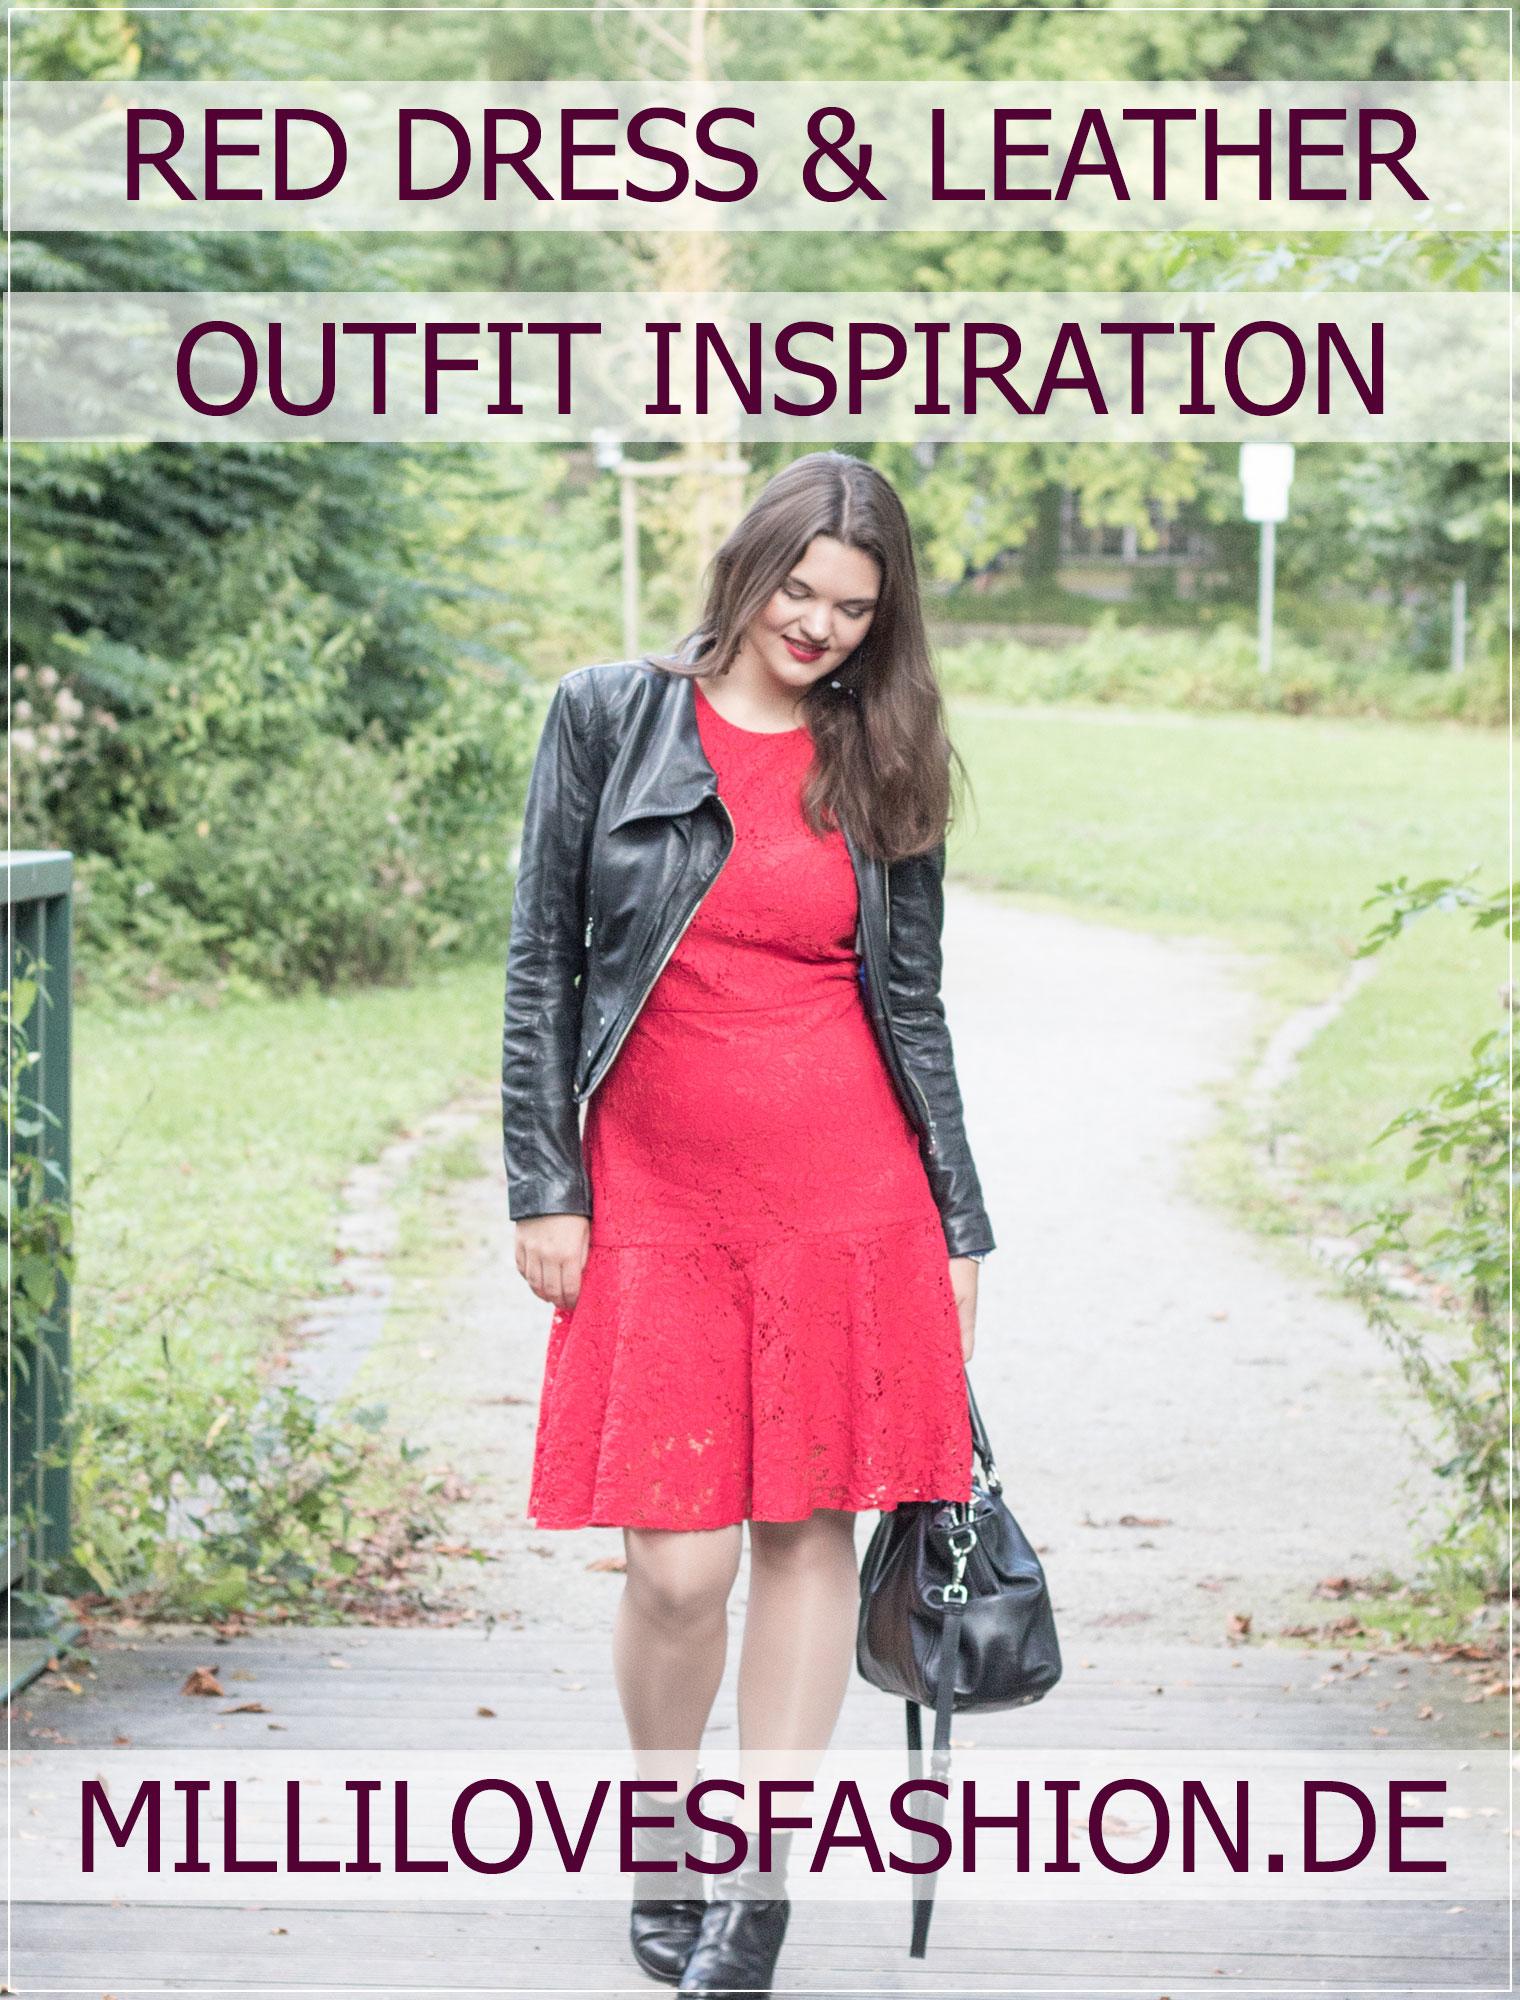 Rotes Kleid, Red Dress, Spätsommer, Herbstlook, Spitzenkleid, Lederjacke